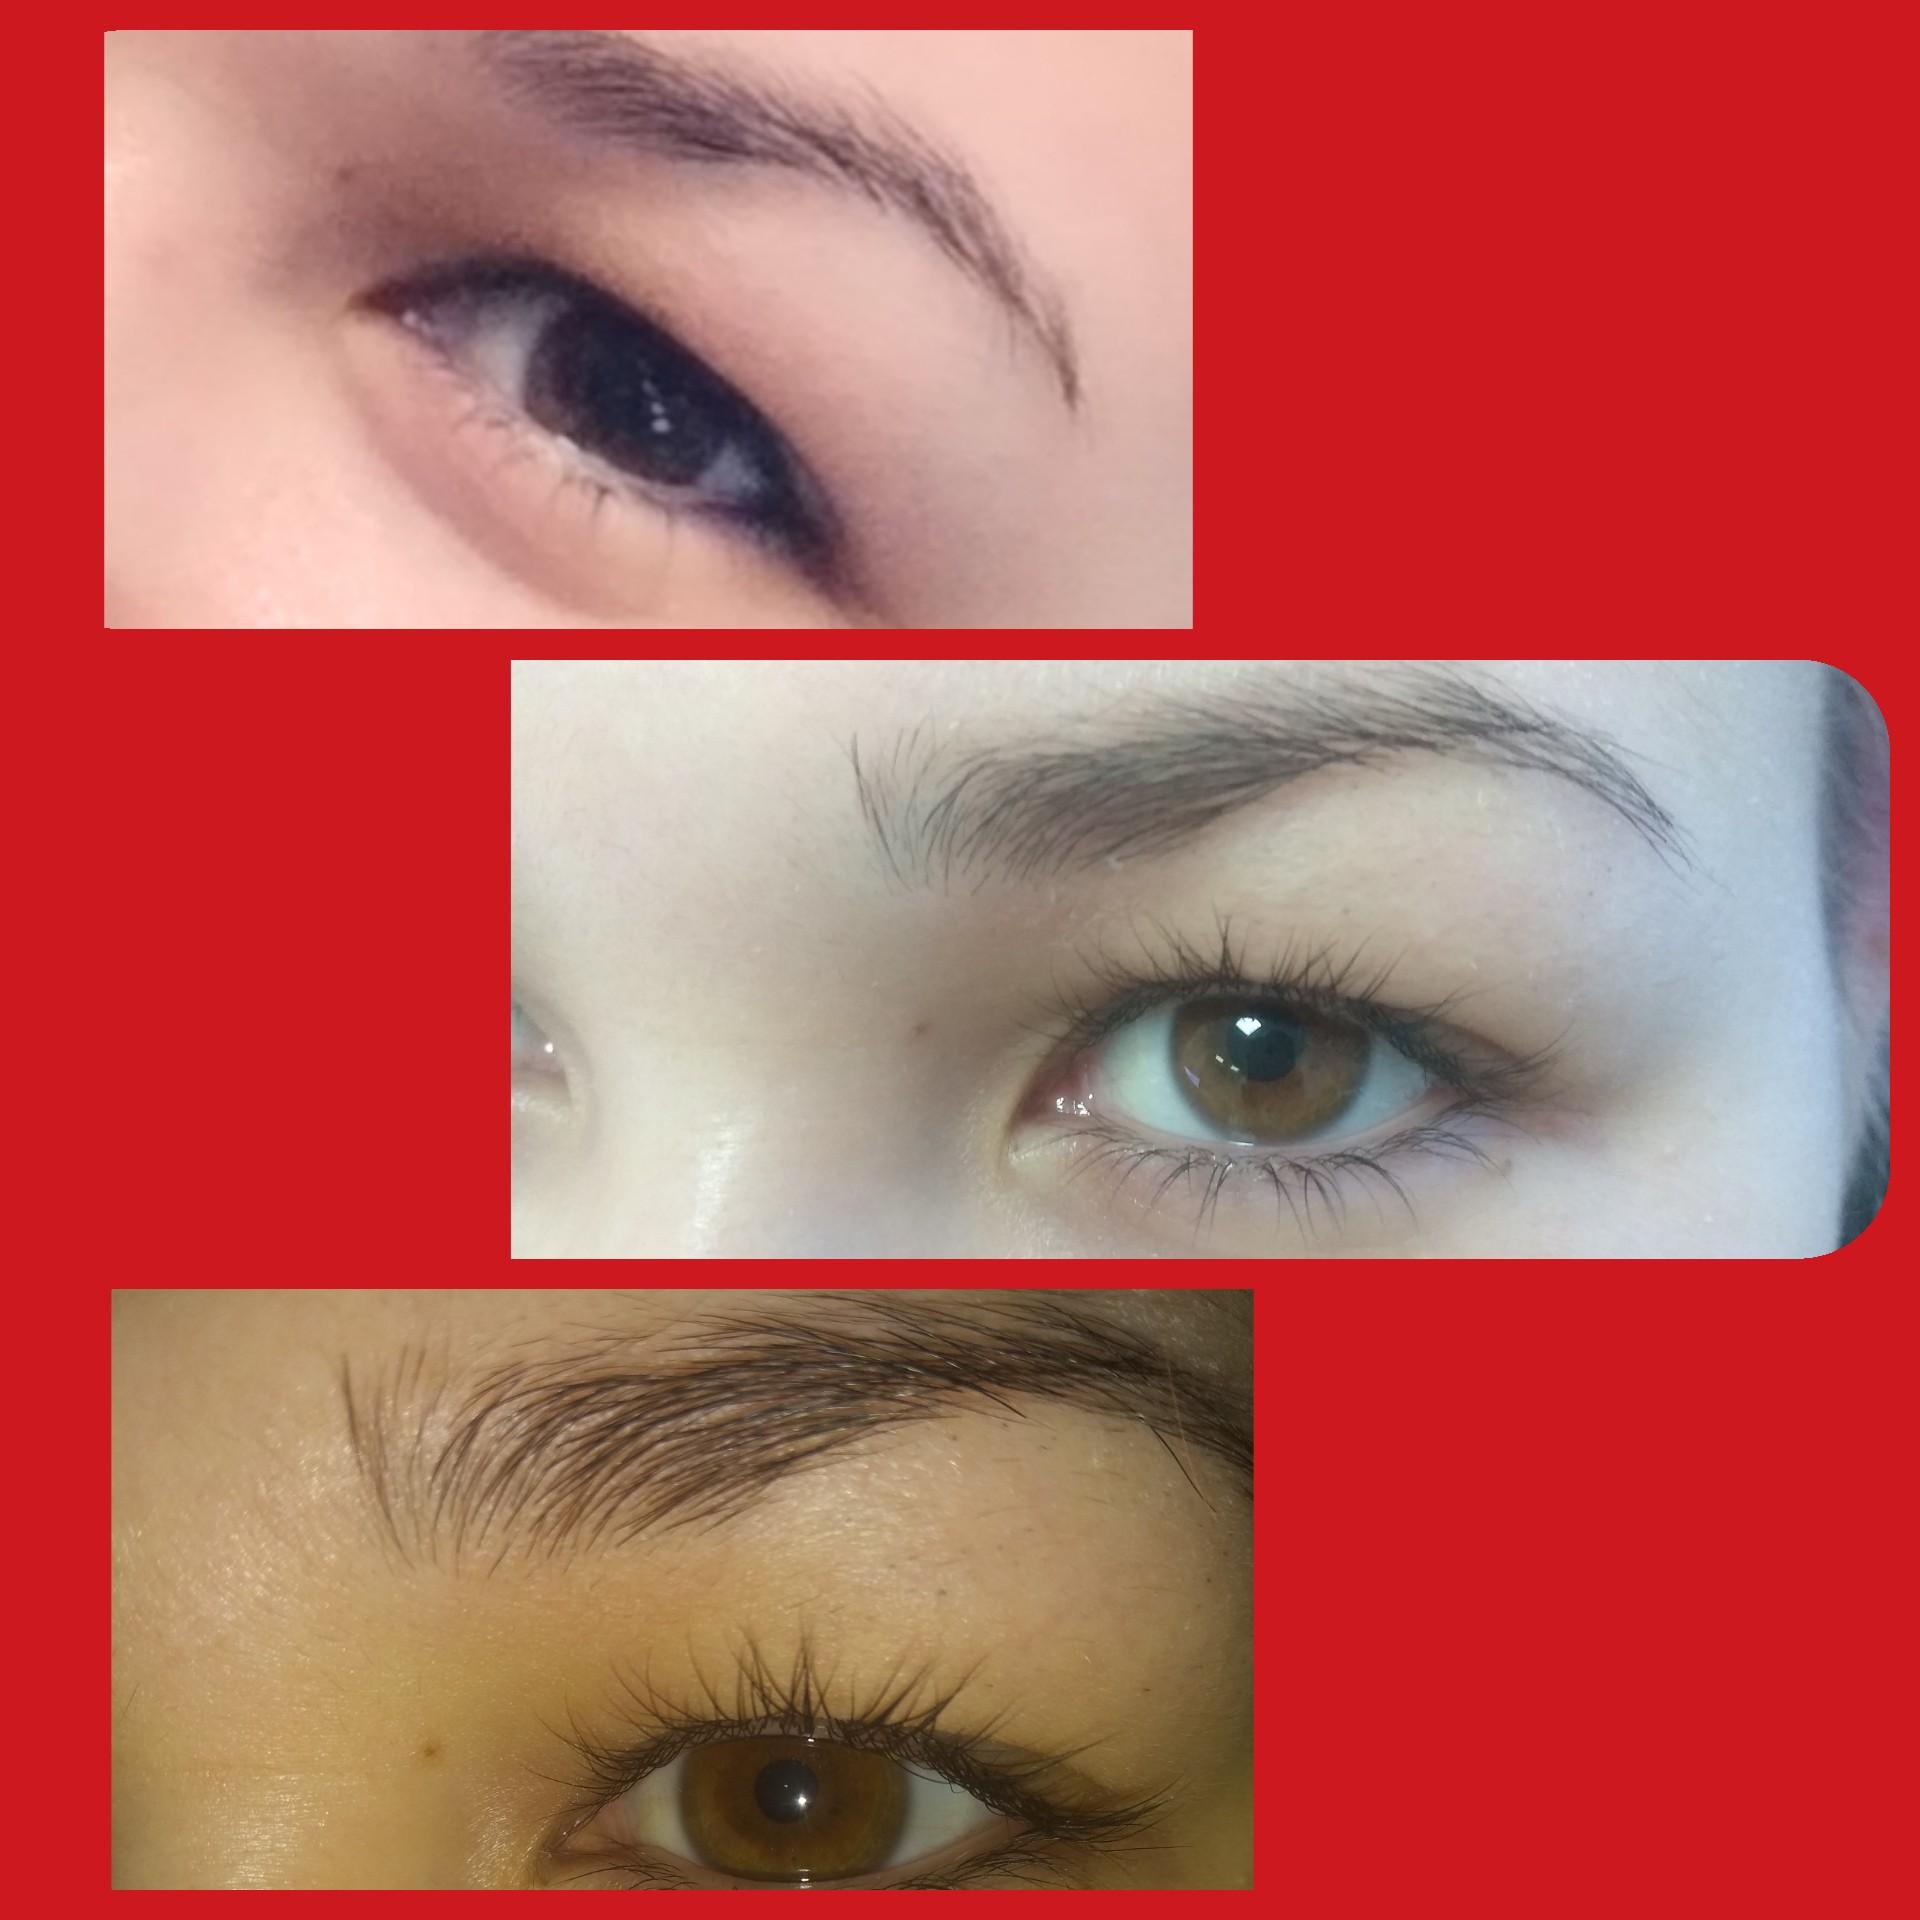 Я косметолог-эстетист с медицинским образованием, предлагаю следующие процедуры для поддержания вашей красоты